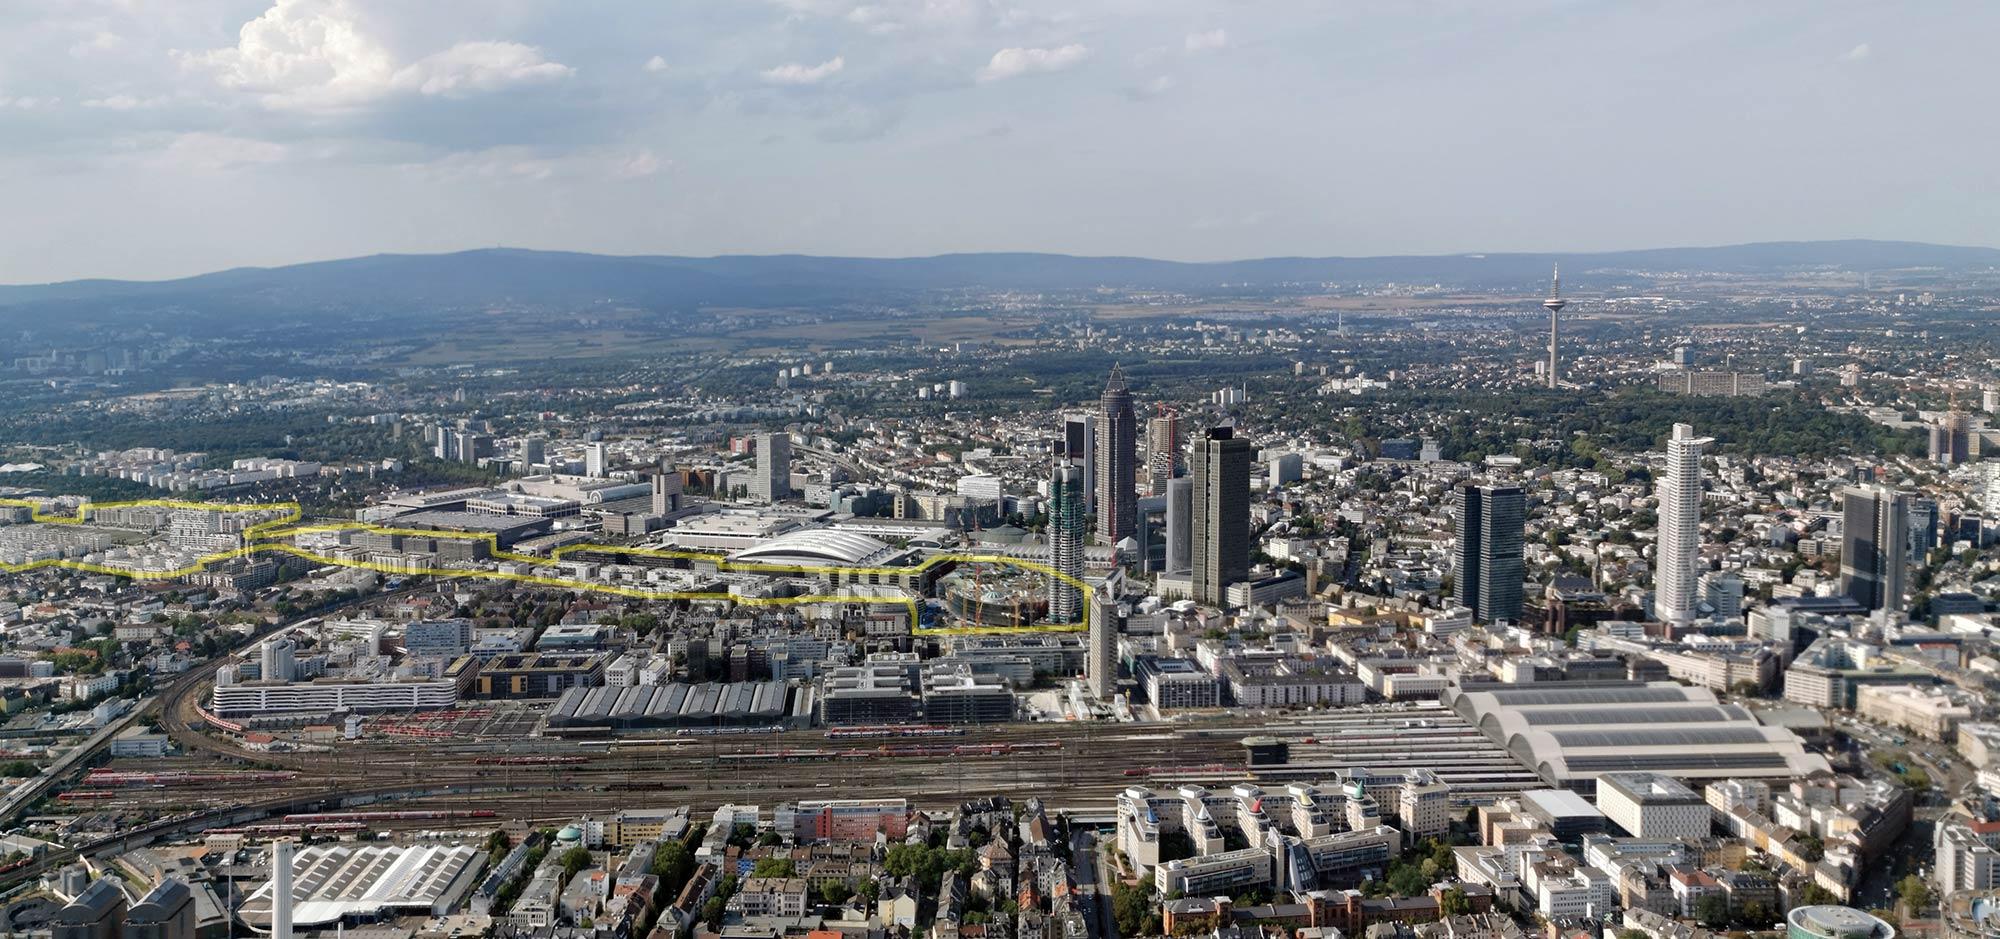 Europaviertel in Frankfurt am Main (im Luftbild markiert) - Panorama von Frankfurt am Main im September 2019 - mit Hauptbahnhof, Gleisvorfeld, Messe - Skylineflug mit Helikopter